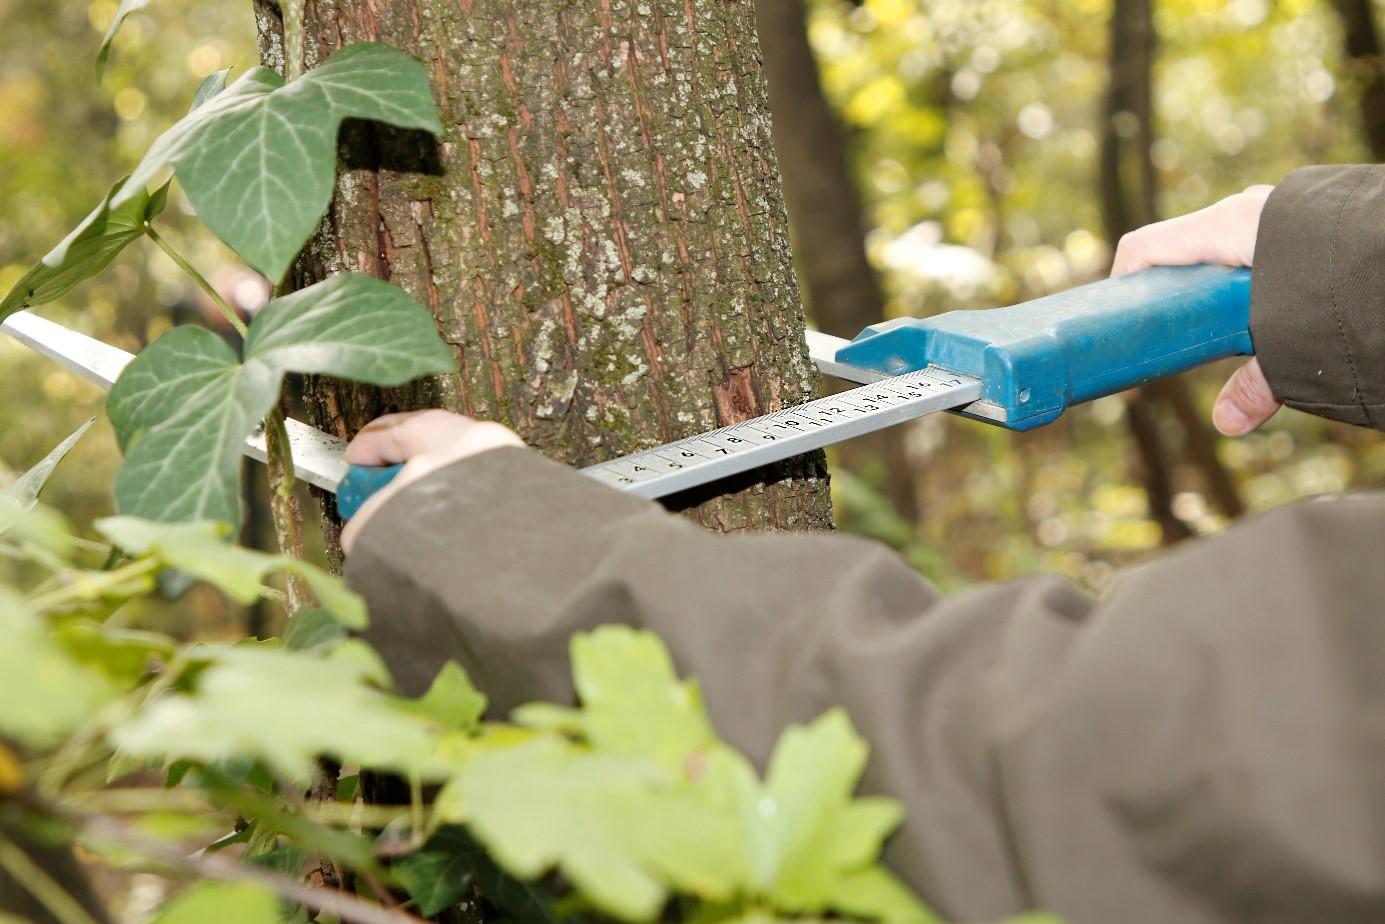 Tapasztalt erdőmérnököt keres az NFK Erdészeti Főosztály az EMMRE csapatába